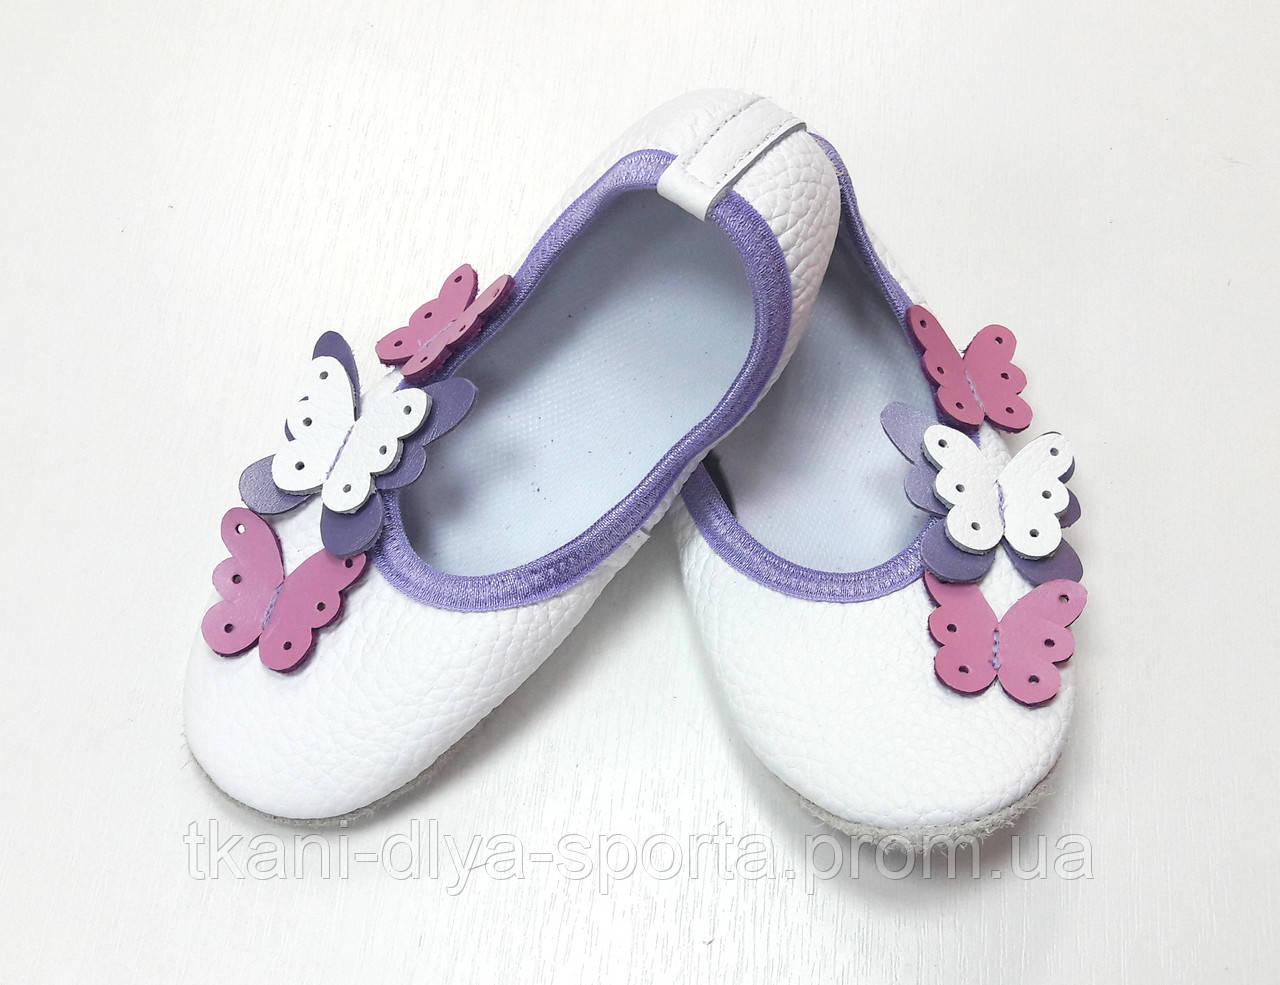 Чешки белые кожаные с цветными бабочками